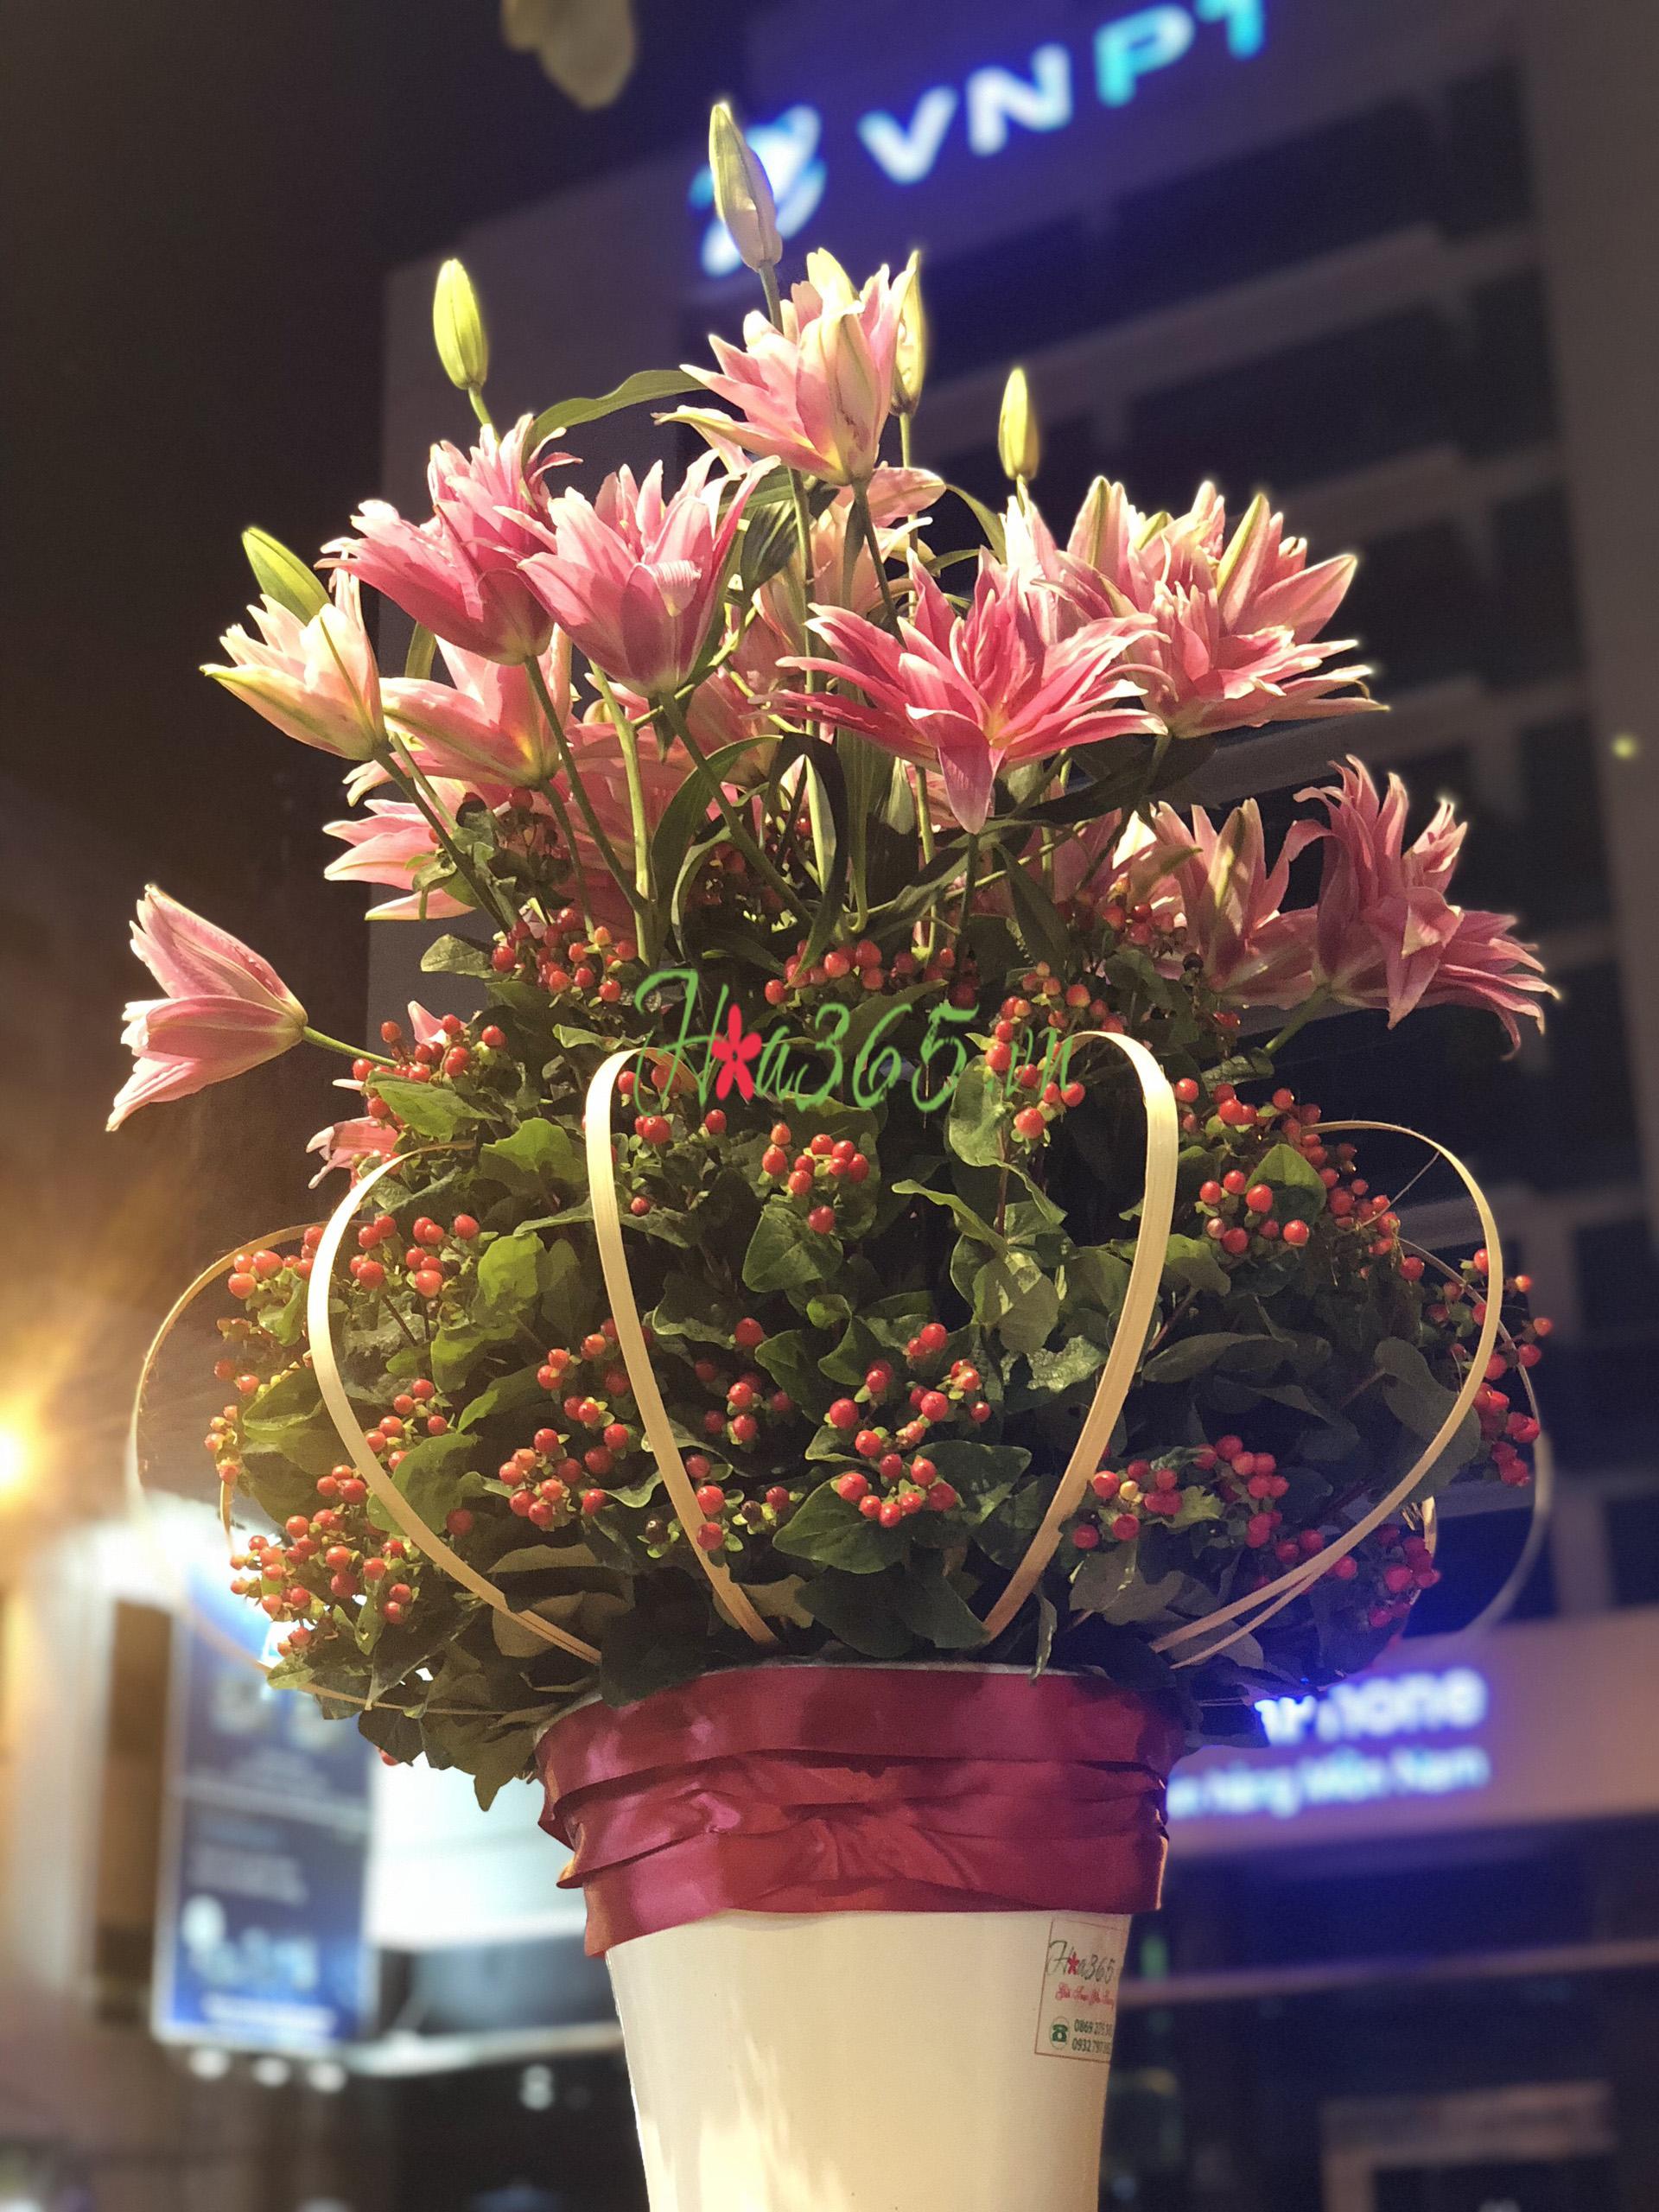 hoa ly kép hà lan, hoa lyly, hoa chưng tết đẹp